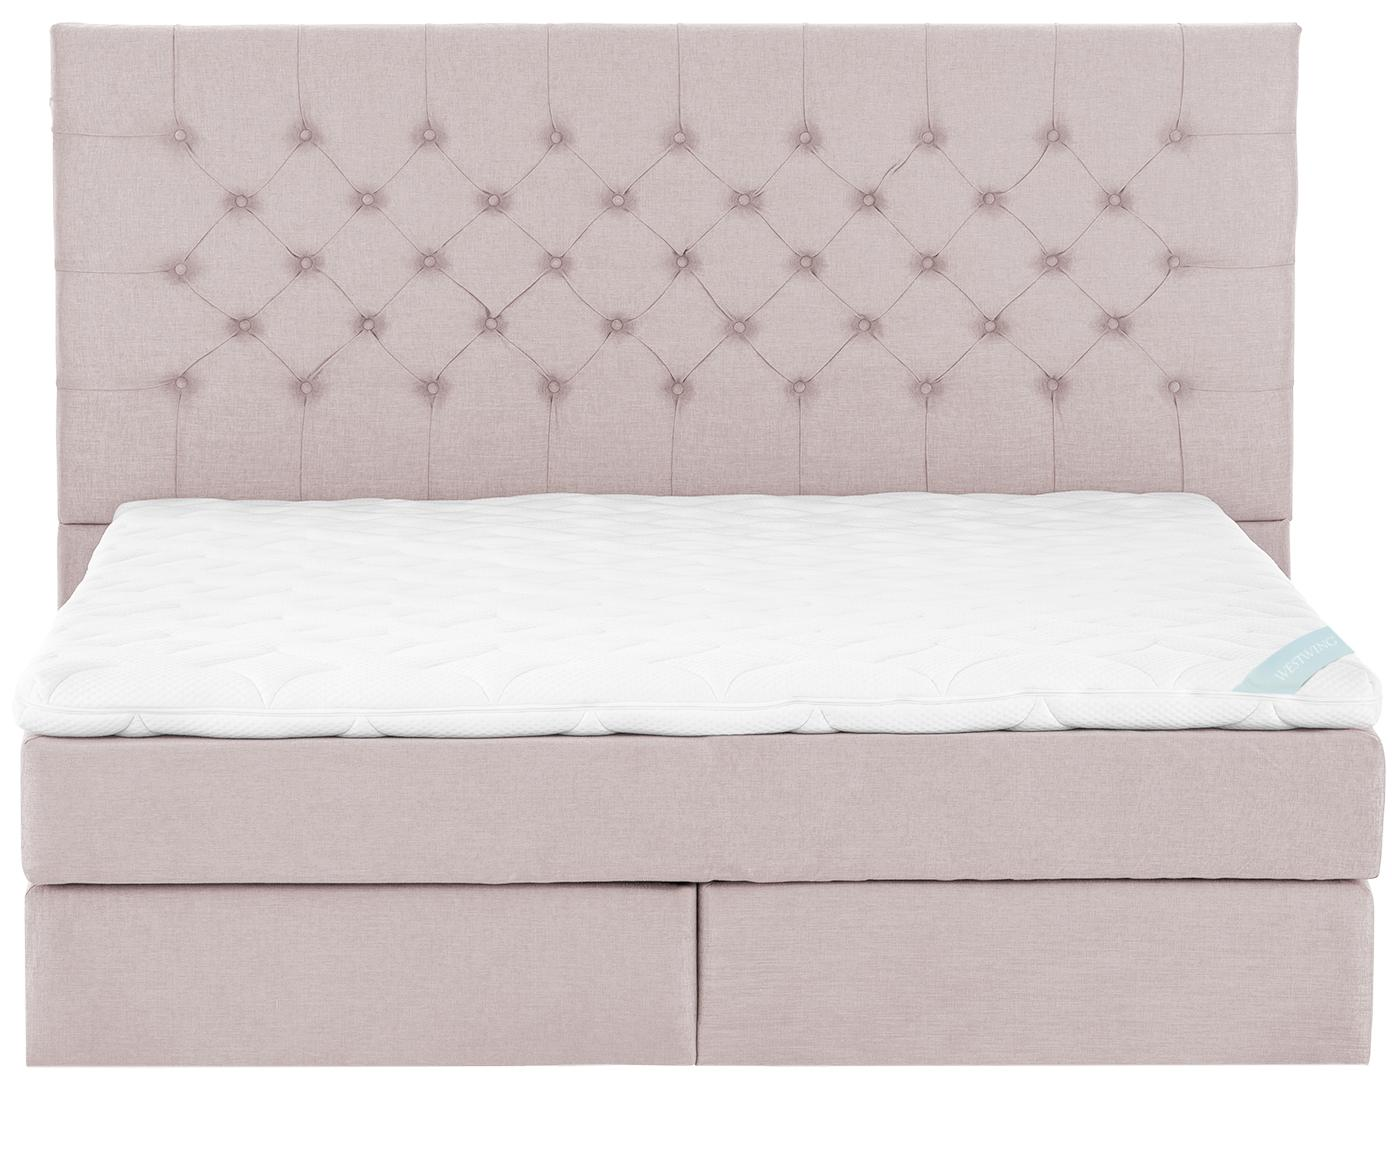 Łóżko kontynentalne premium Phoebe, Nogi: lite drewno bukowe, lakie, Brudny różowy, 200 x 200 cm